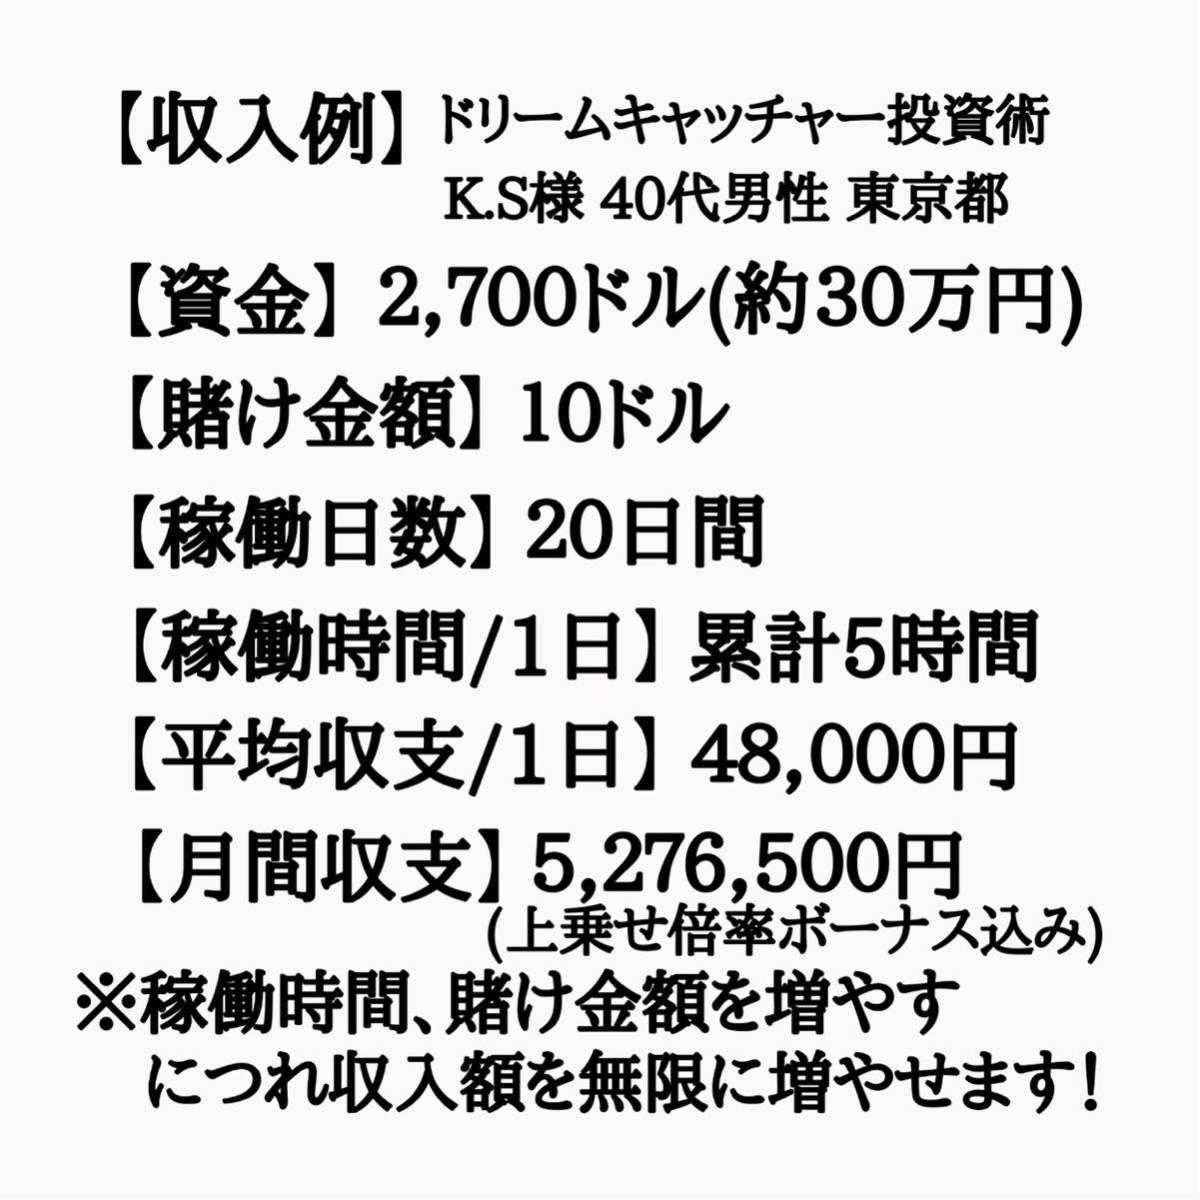 《先着3名様限定》通常価格¥90,000円⇒先着限定価格¥6,980円 完全オリジナル極秘投資術セット 攻略法 仮想通貨 FX 投資 カジノ 副業 0_画像8